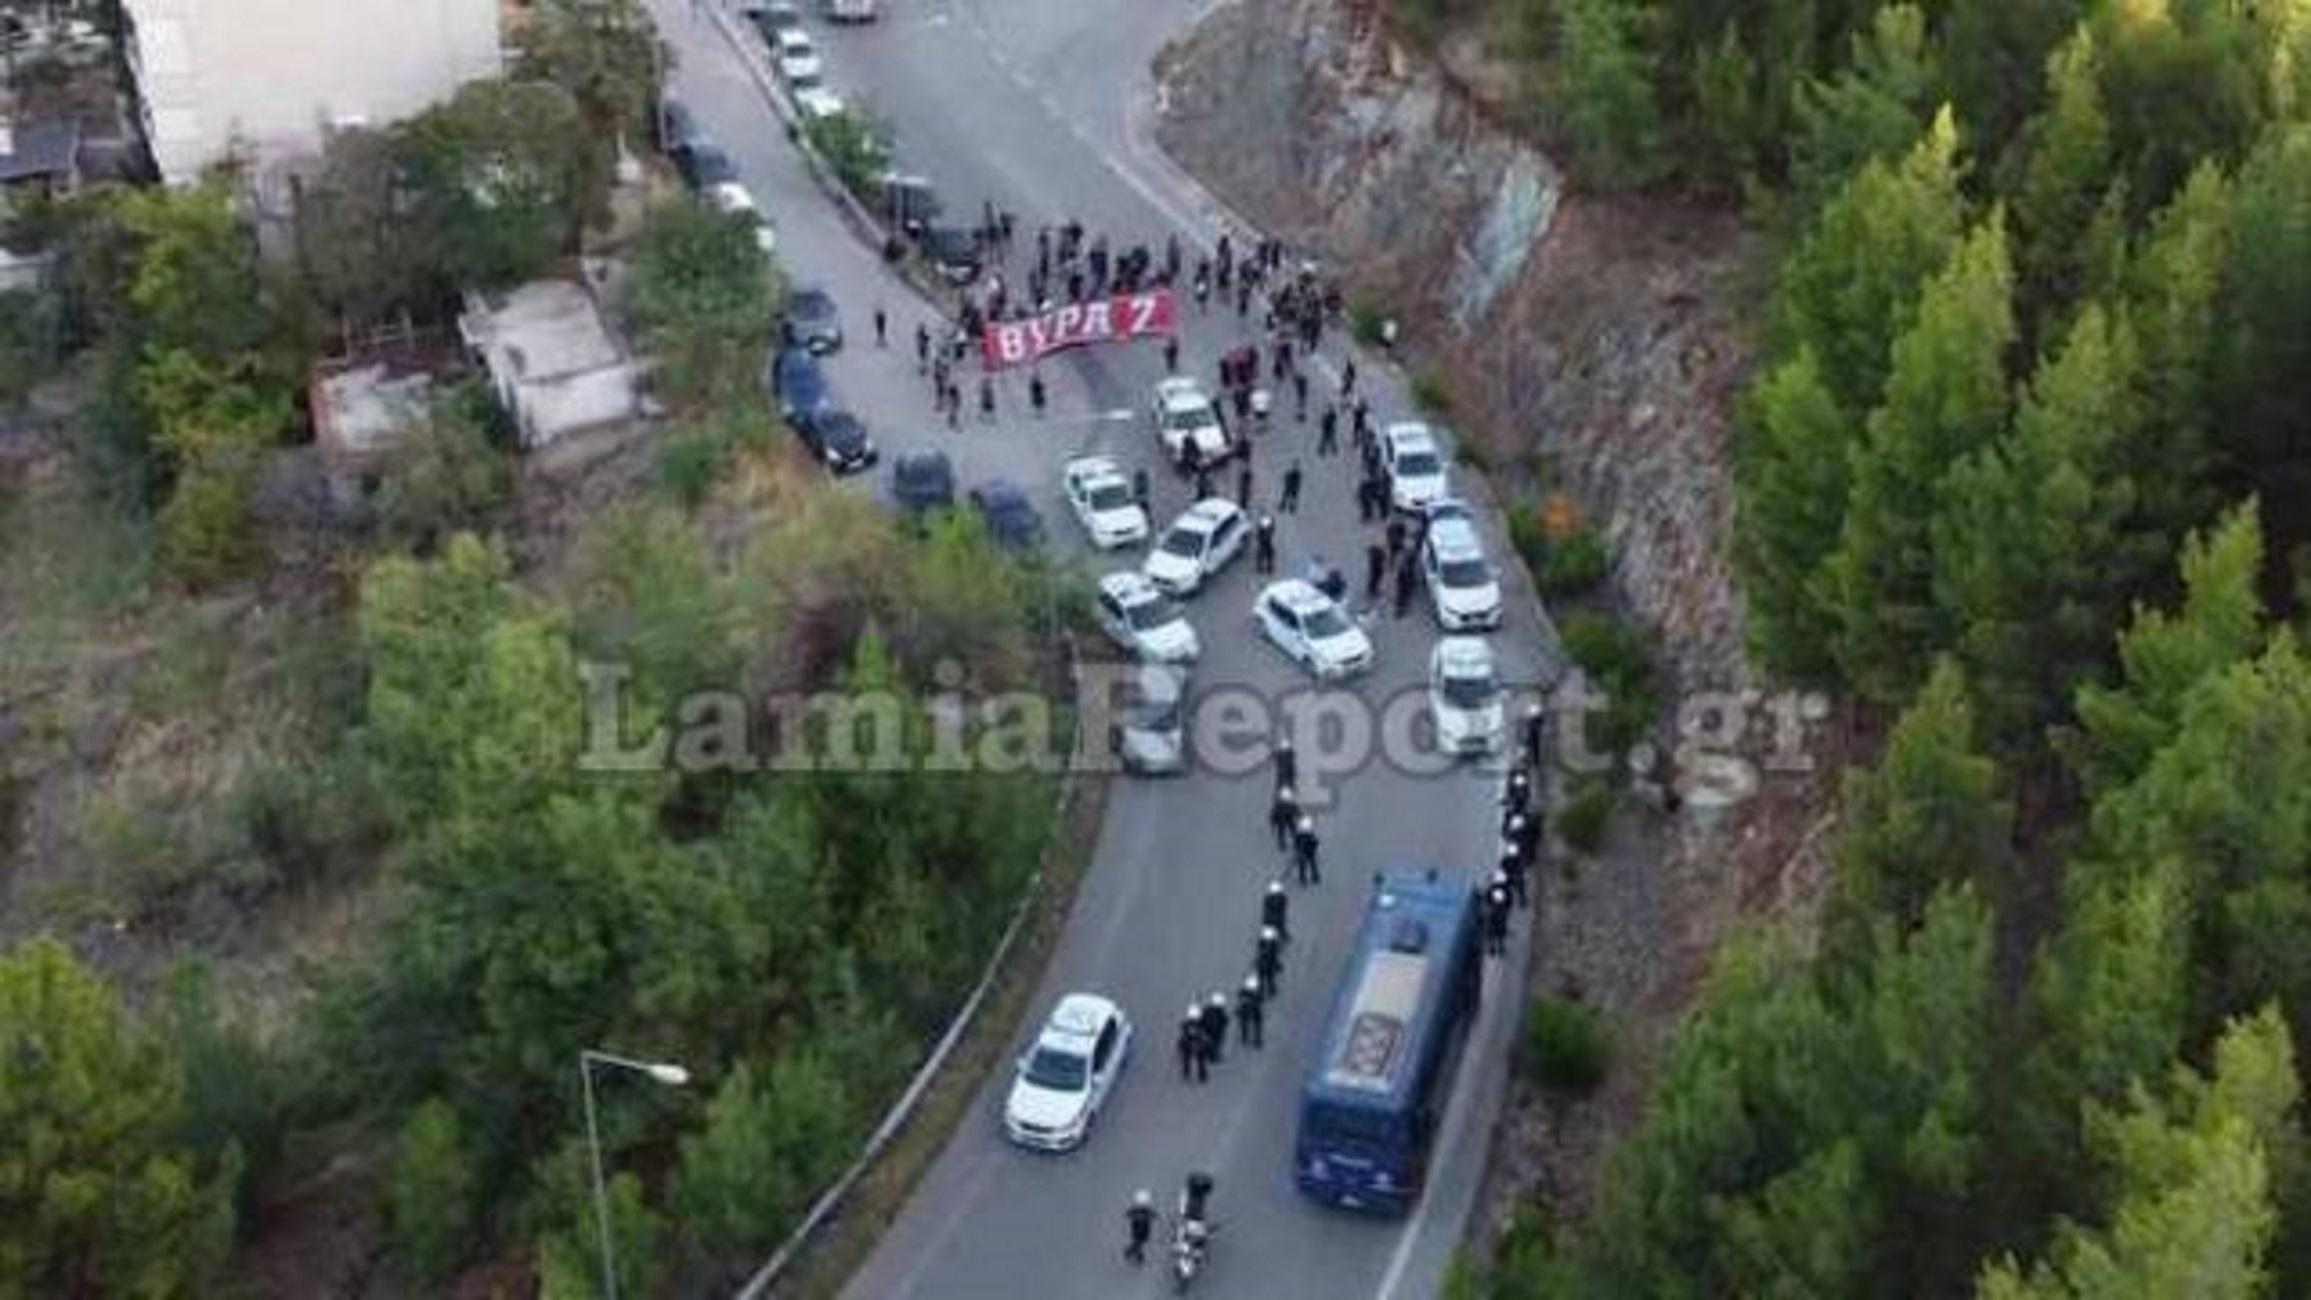 Λαμία: Το μπλόκο της αστυνομίας σε οπαδούς του Ολυμπιακού – Δείτε την πανοραμική εικόνα